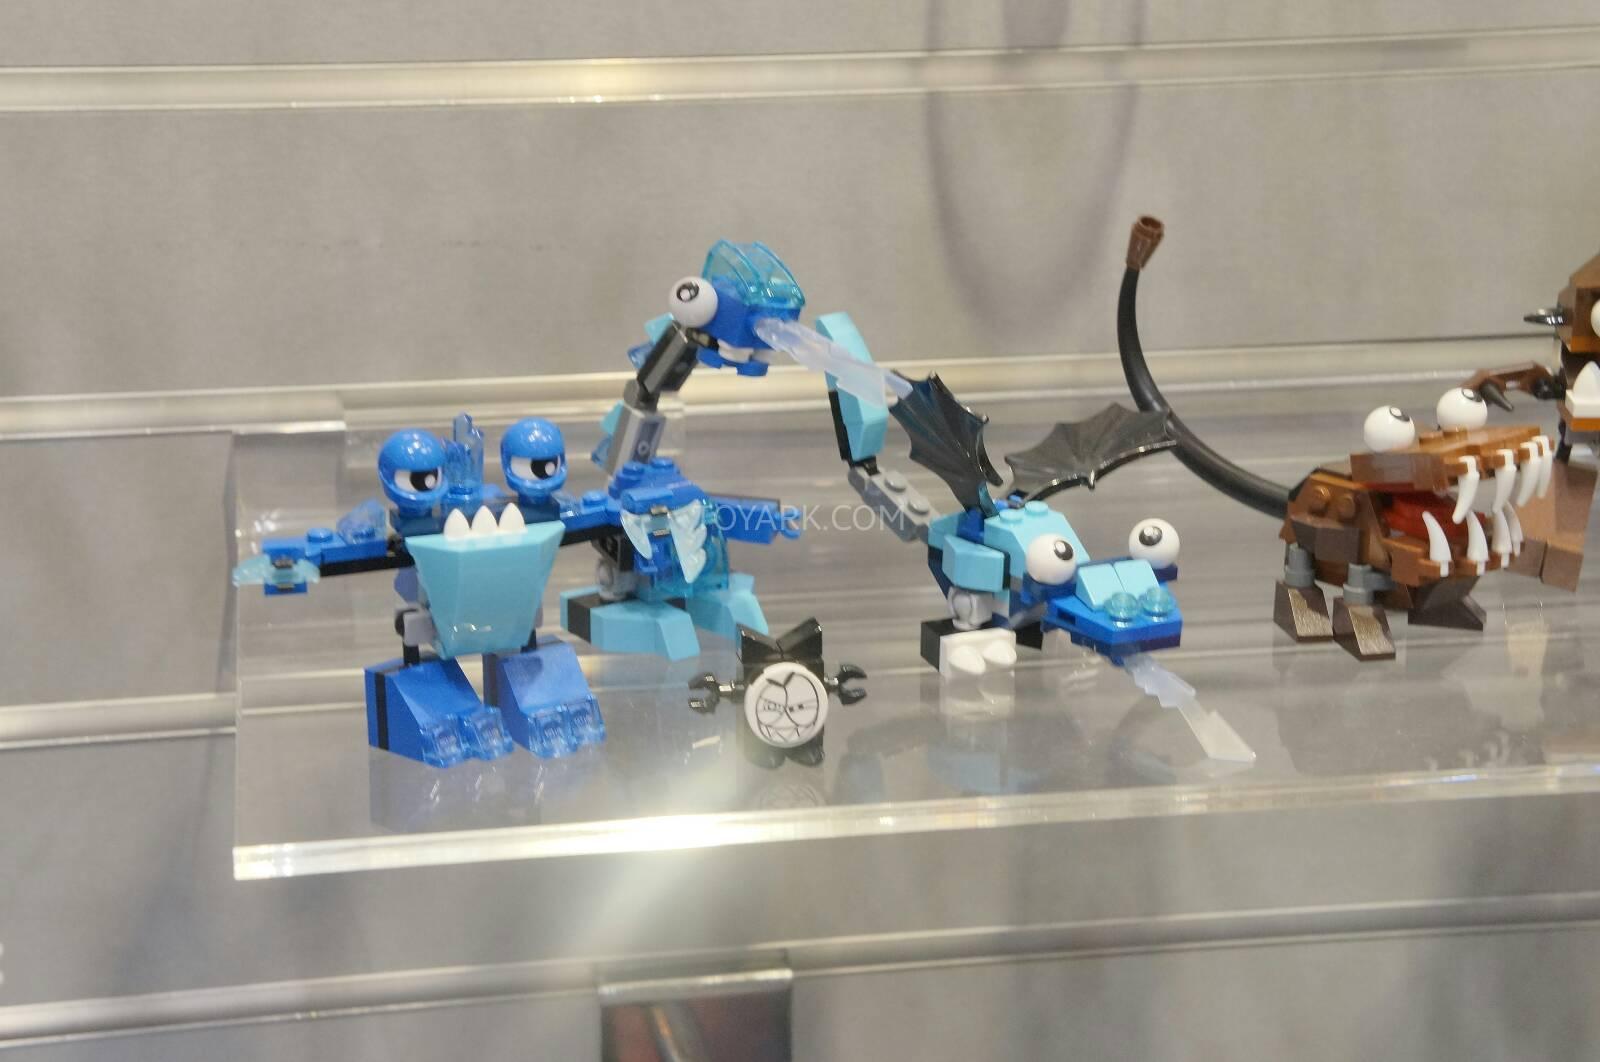 LEGO Mixels - Página 2 Toy-Fair-2014-LEGO-Mixels-006